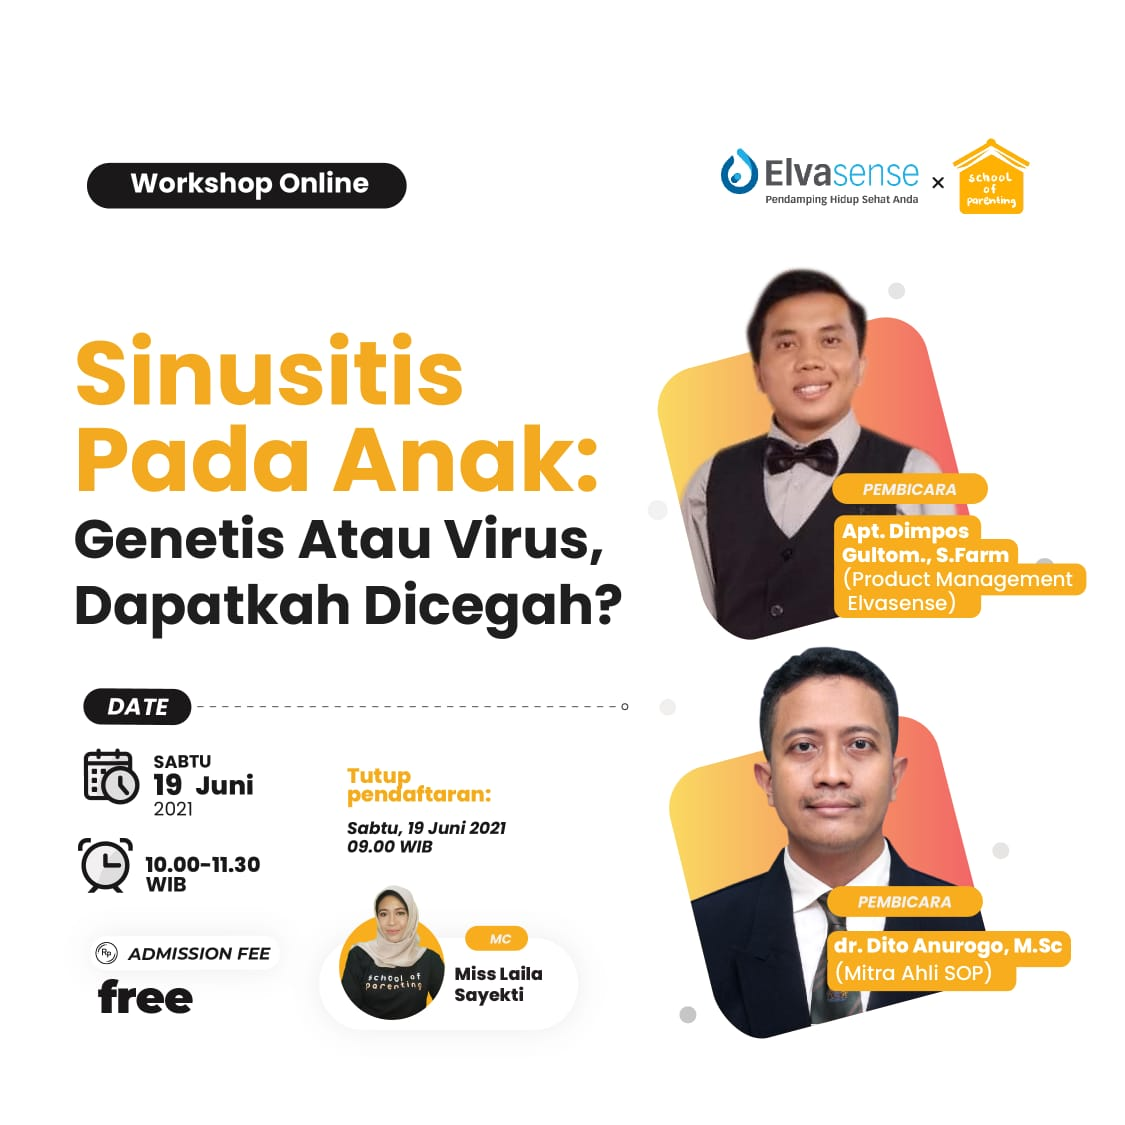 Sinusitis Pada Anak: Genetis Atau Virus, Dapatkah Dicegah?